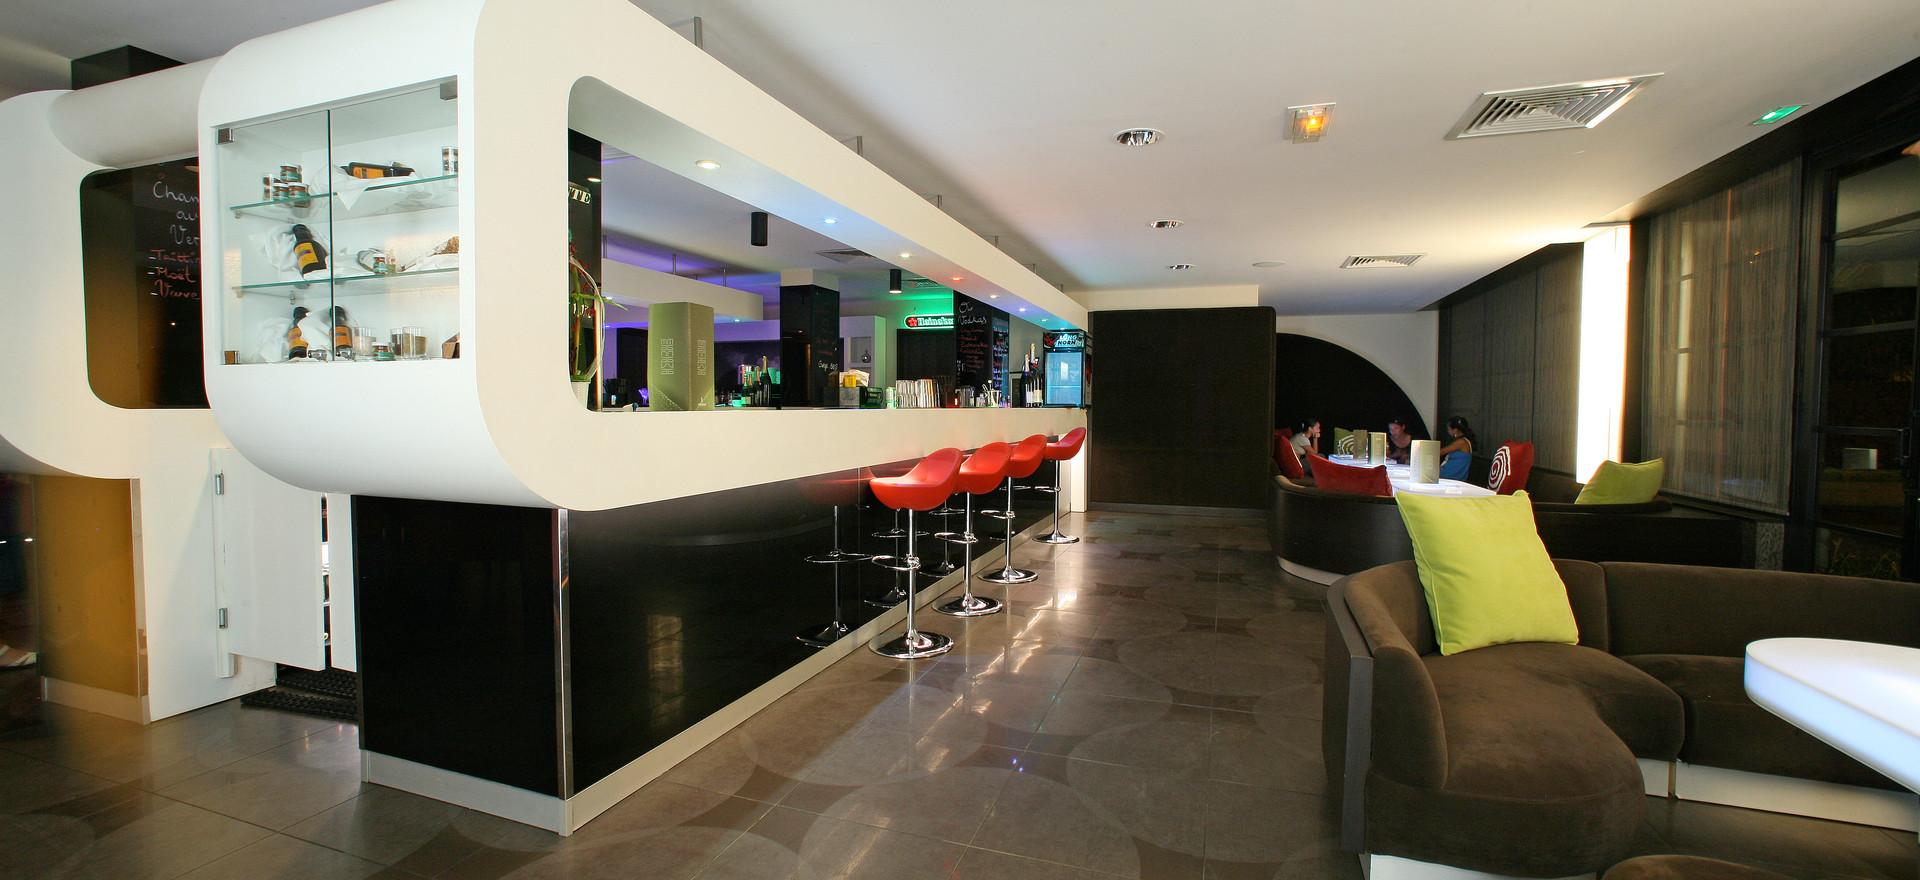 Punavai Bar